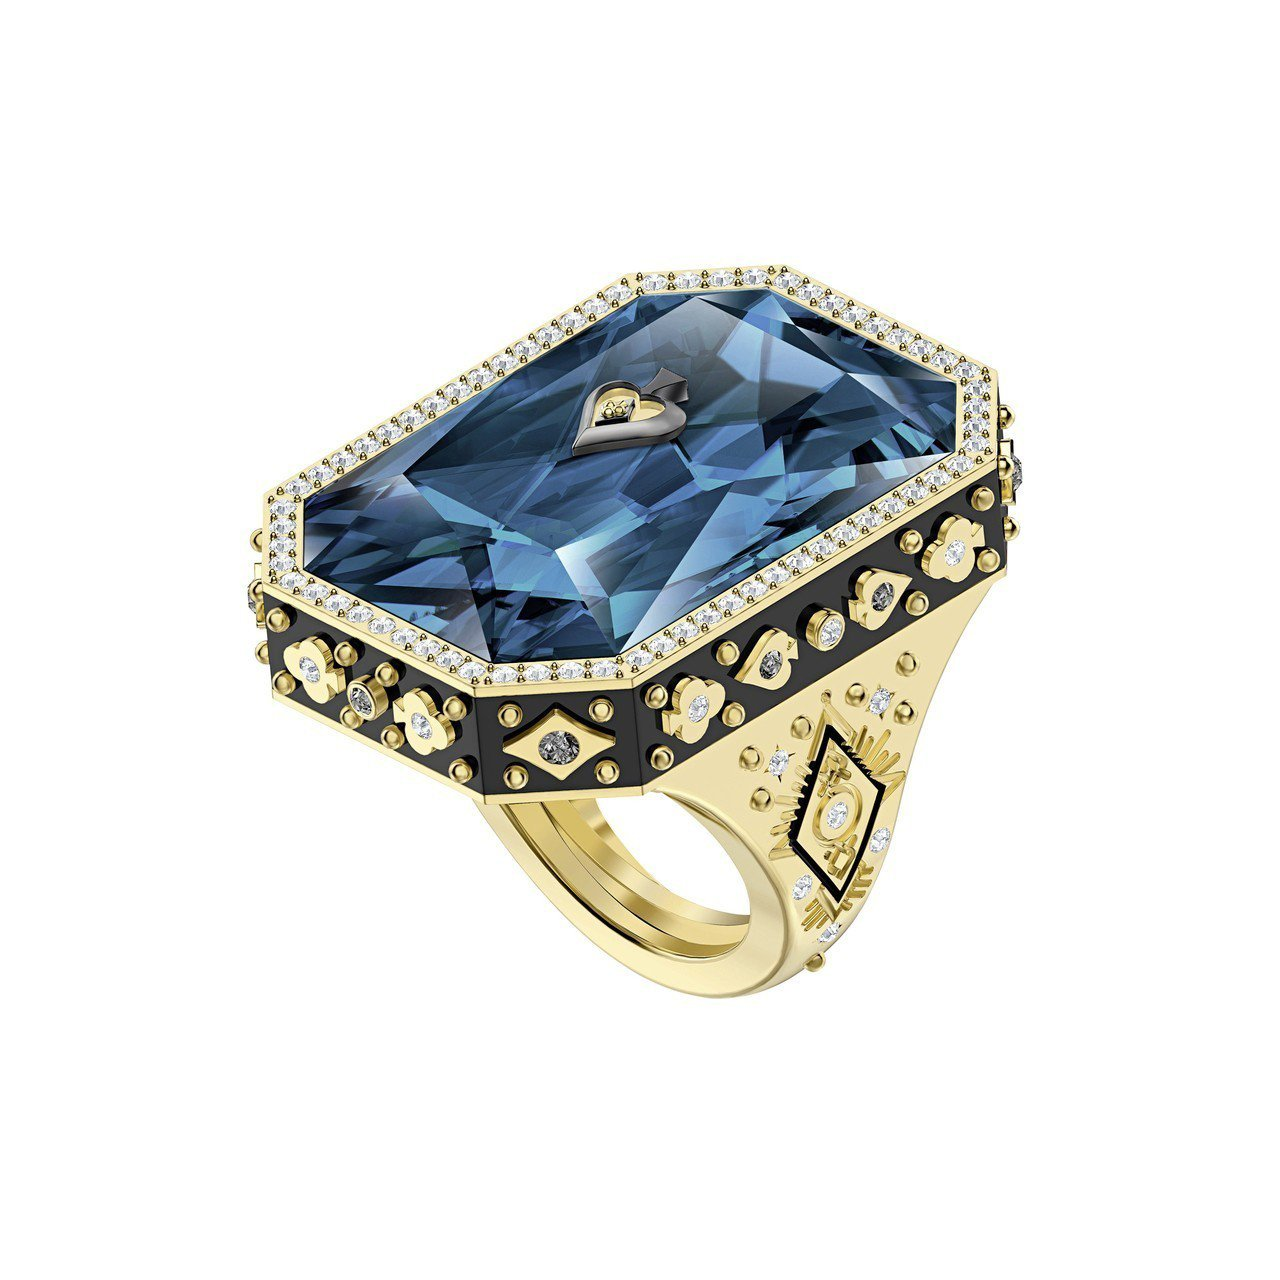 施華洛世奇TAROT MAGIC 戒指/售價7,990元。圖/施華洛世奇提供